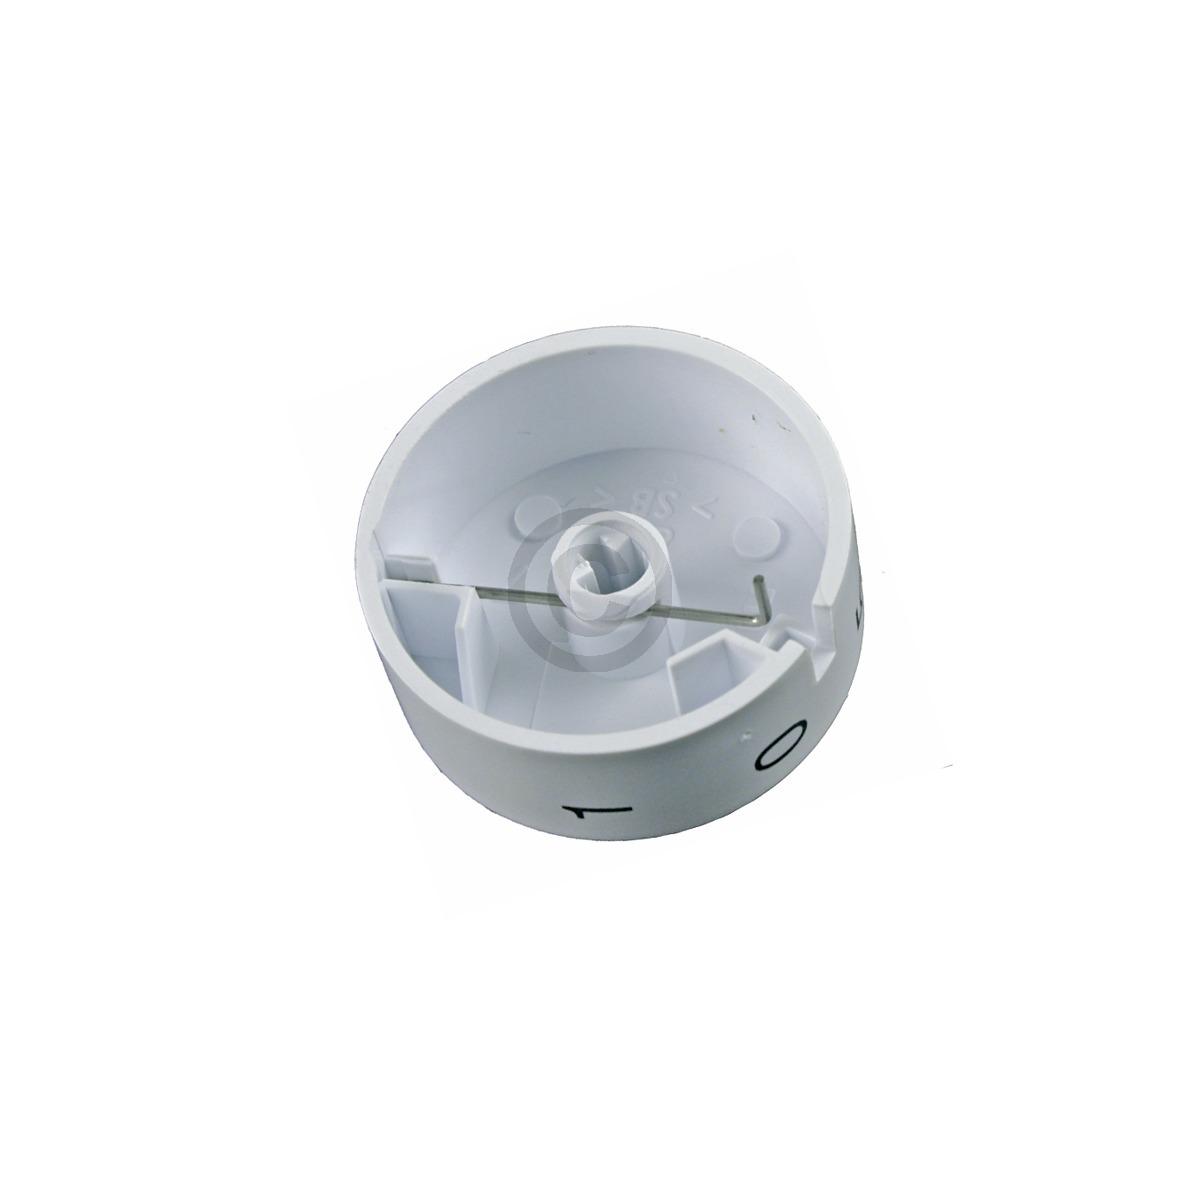 Knebel für Kühlthermostat, OT! 00169314 169314 Bosch, Siemens, Neff